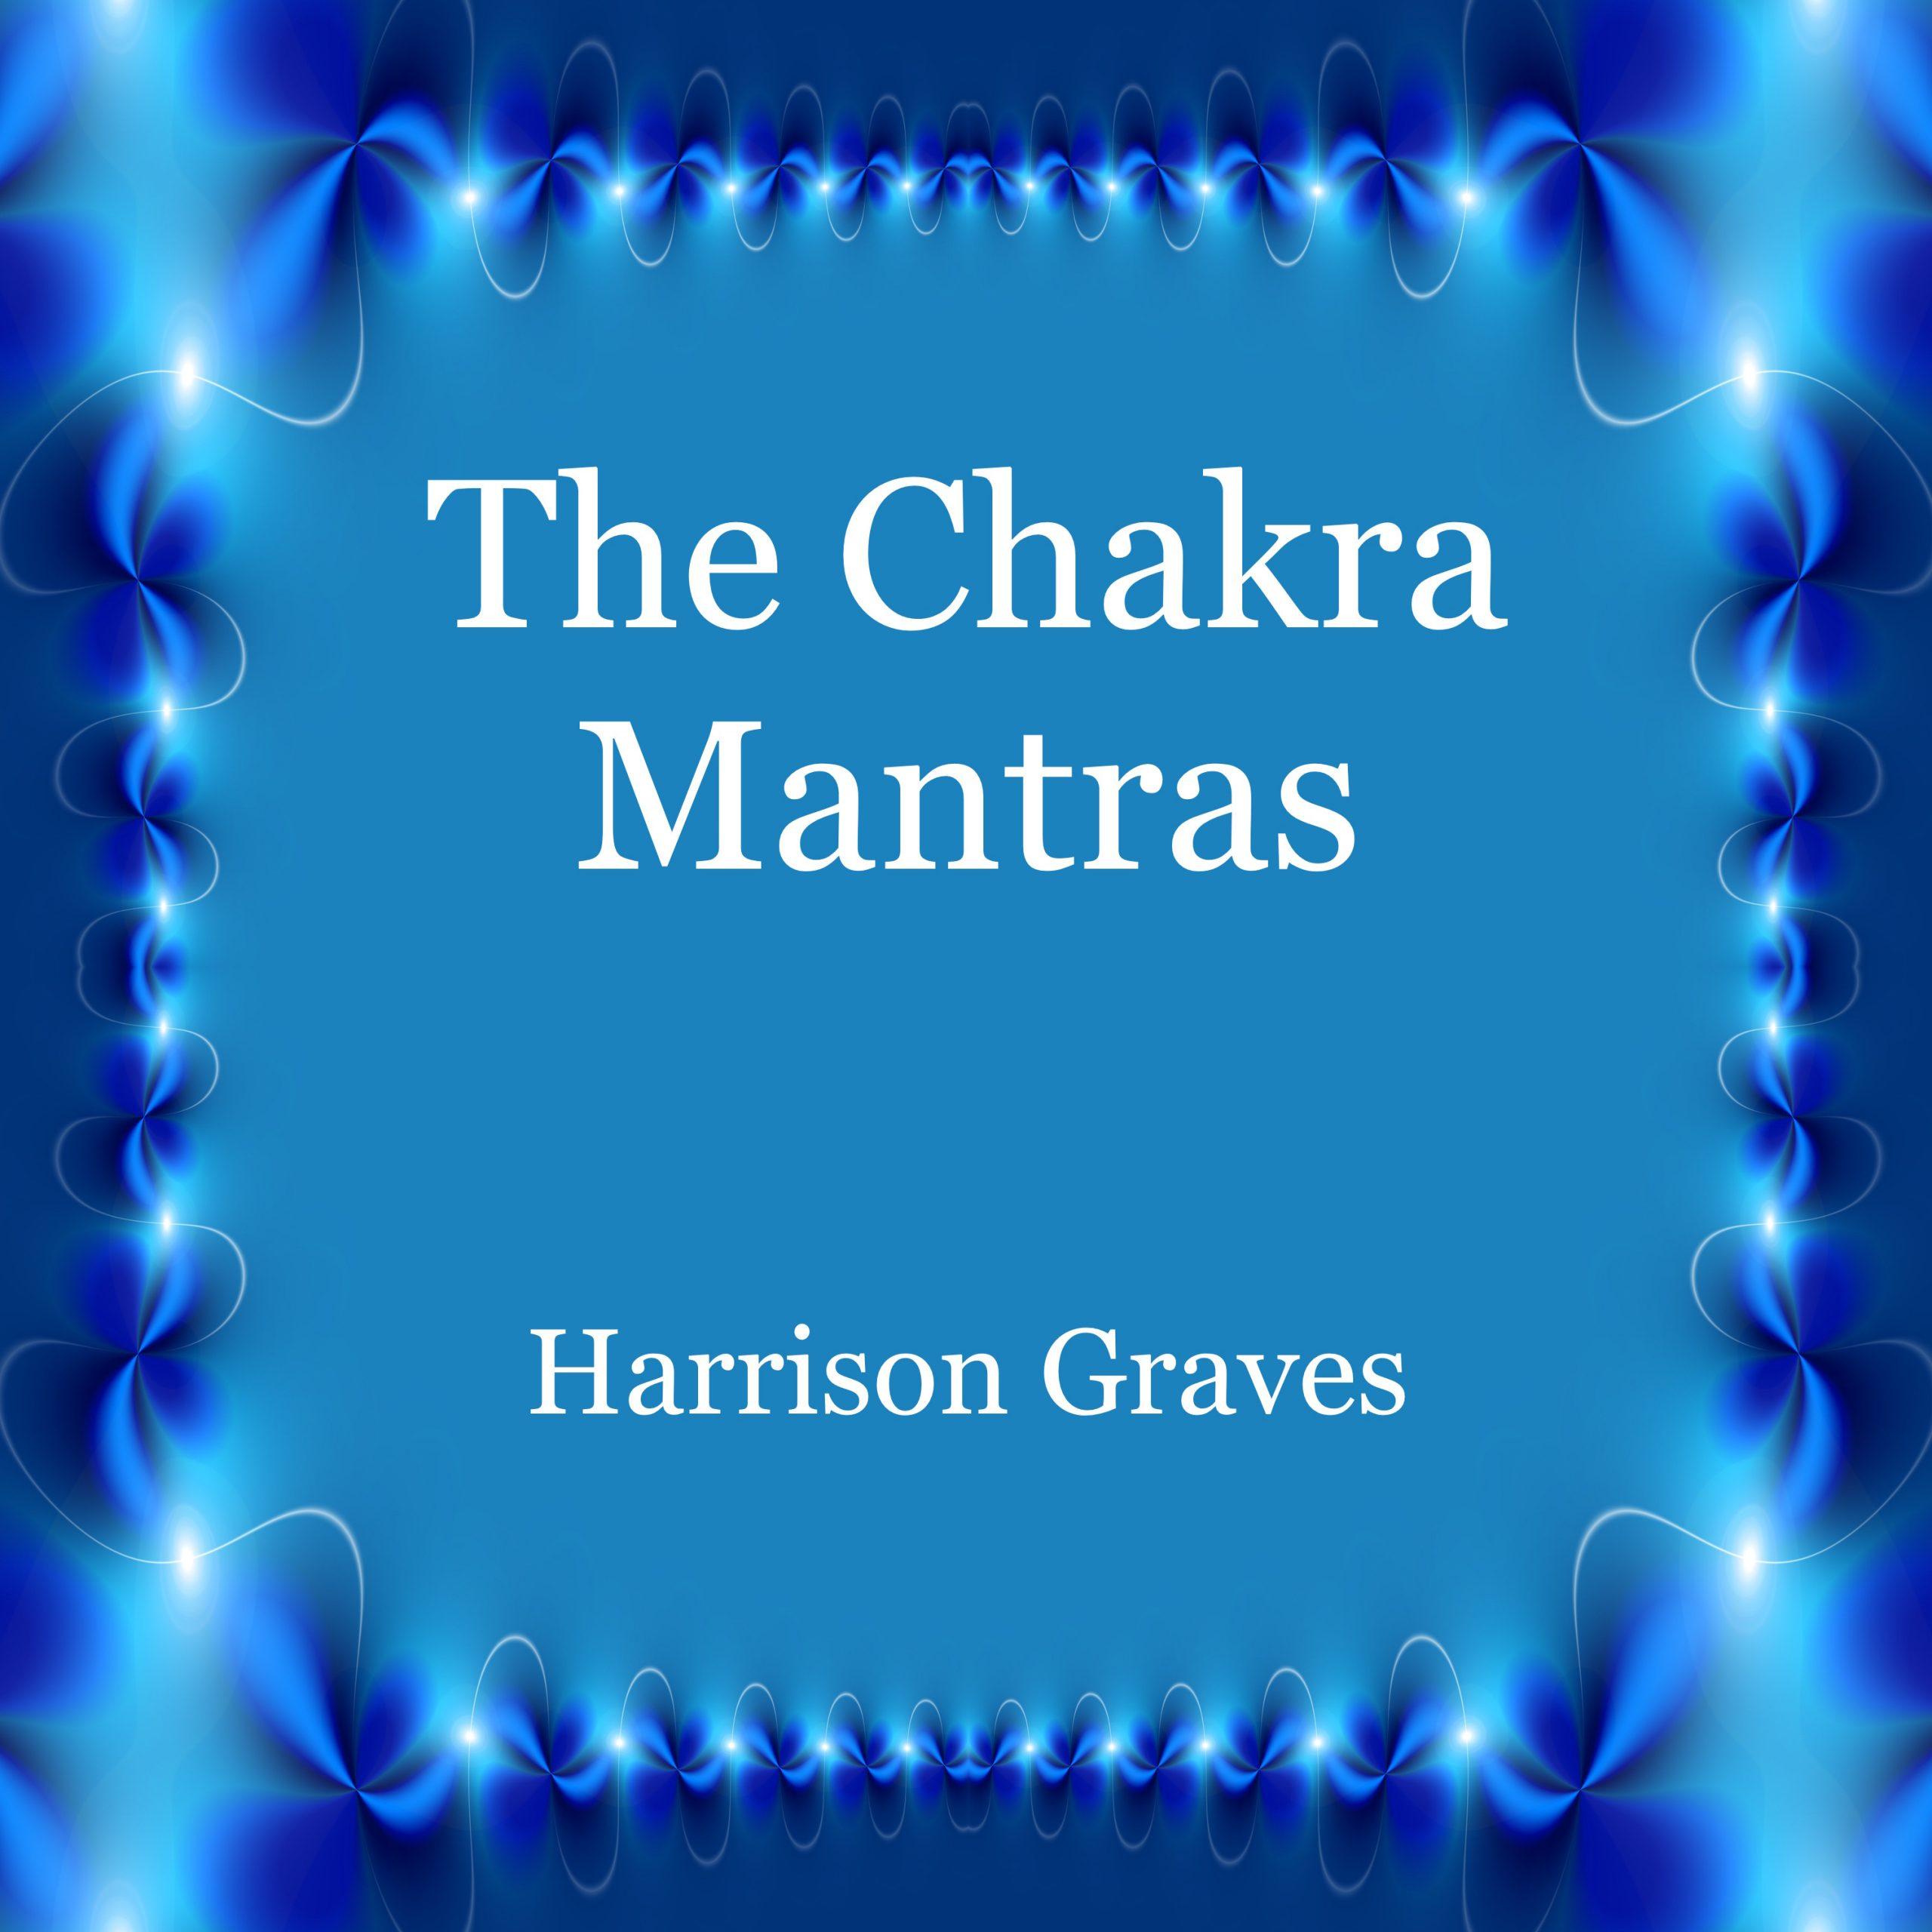 Album cover/chakra mantras